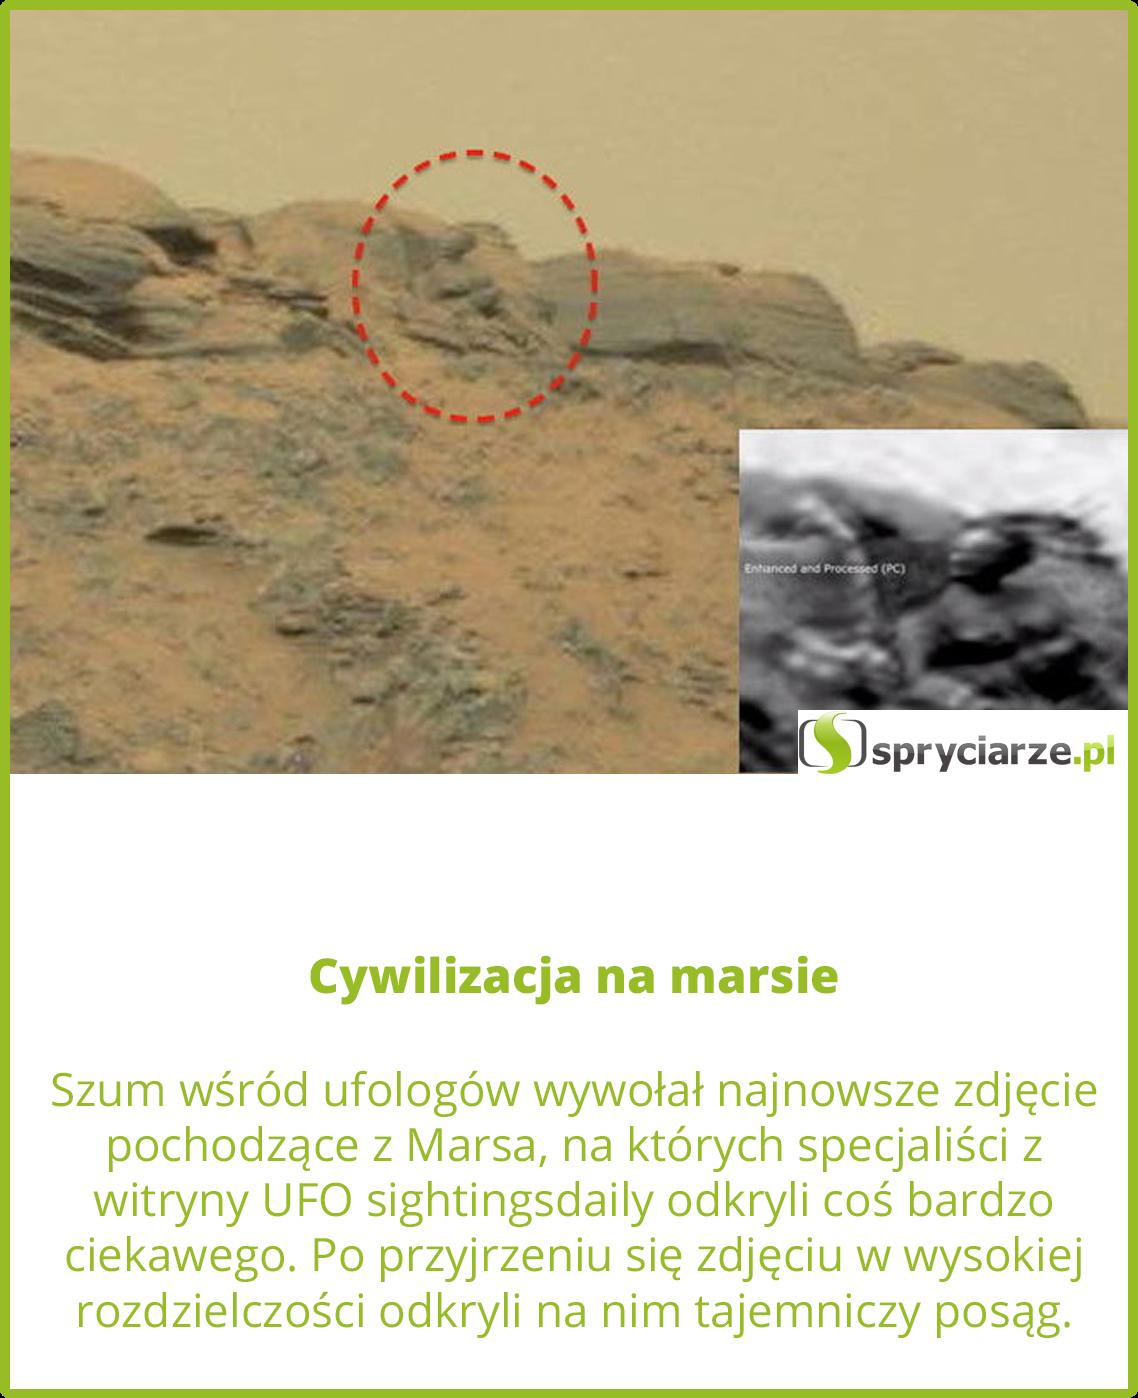 Cywilizacja na marsie